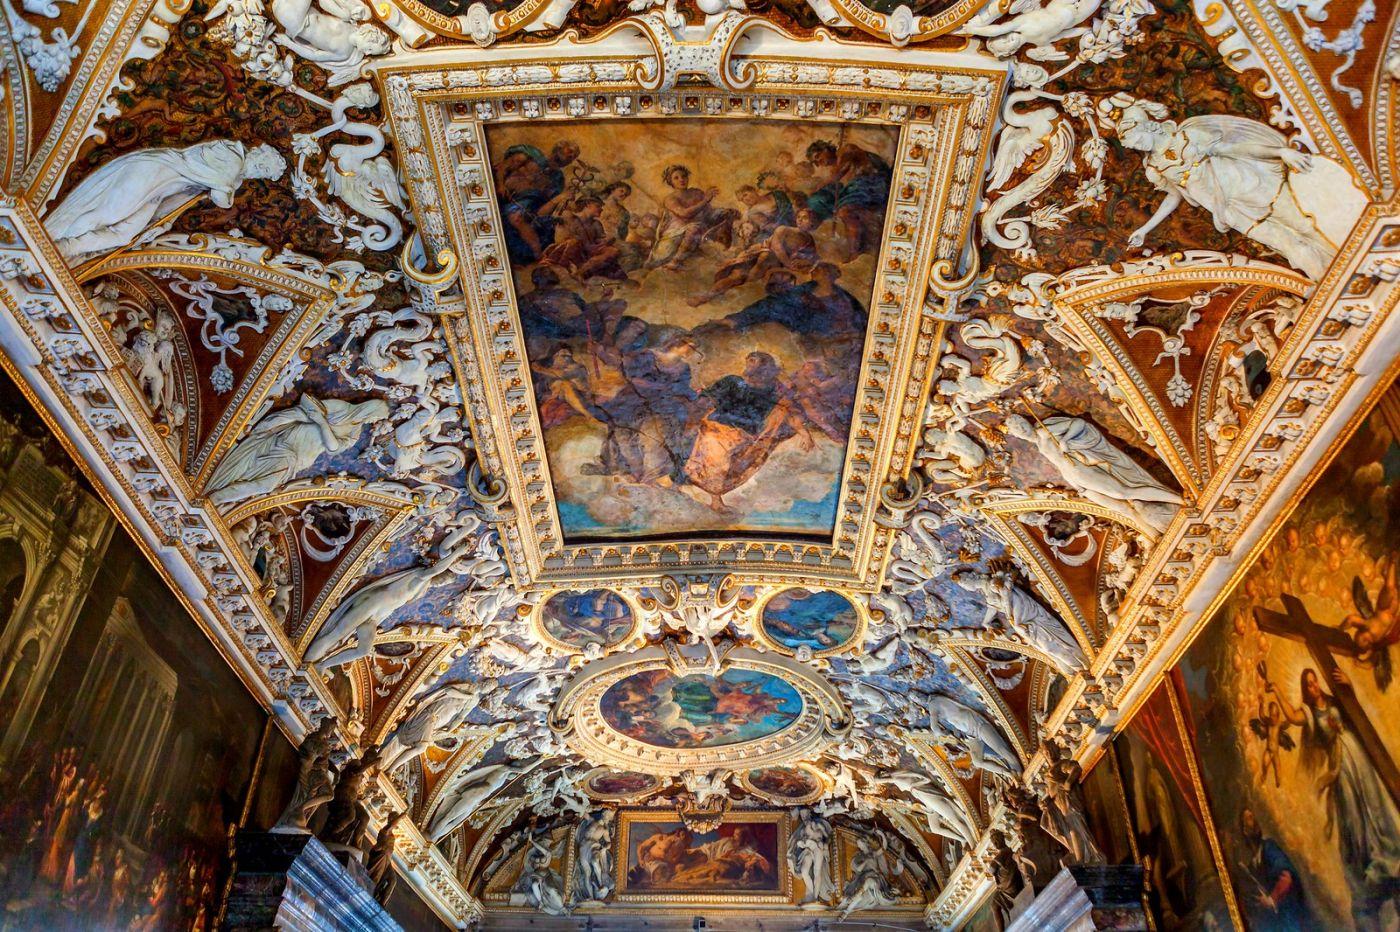 威尼斯圣马可大教堂(St Mark's Basilica), 精雕细琢的顶设_图1-22